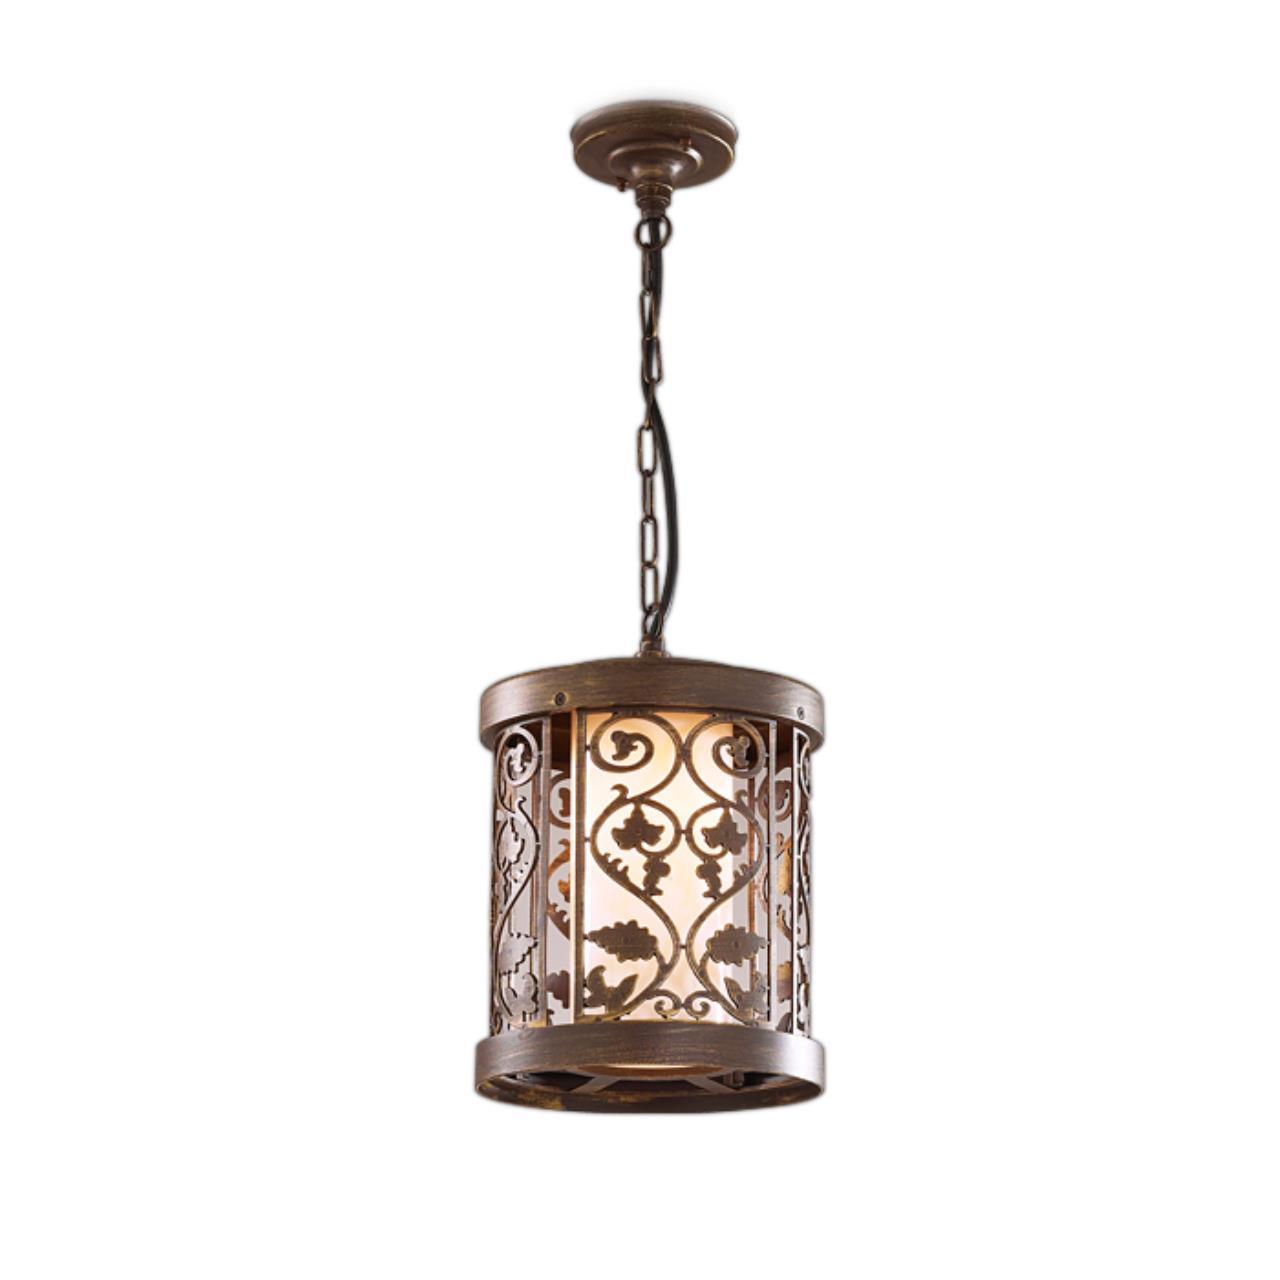 2286/1 NATURE ODL12 715 патина коричневый Уличный светильник-подвес IP44 E27 100W 220V KORDI